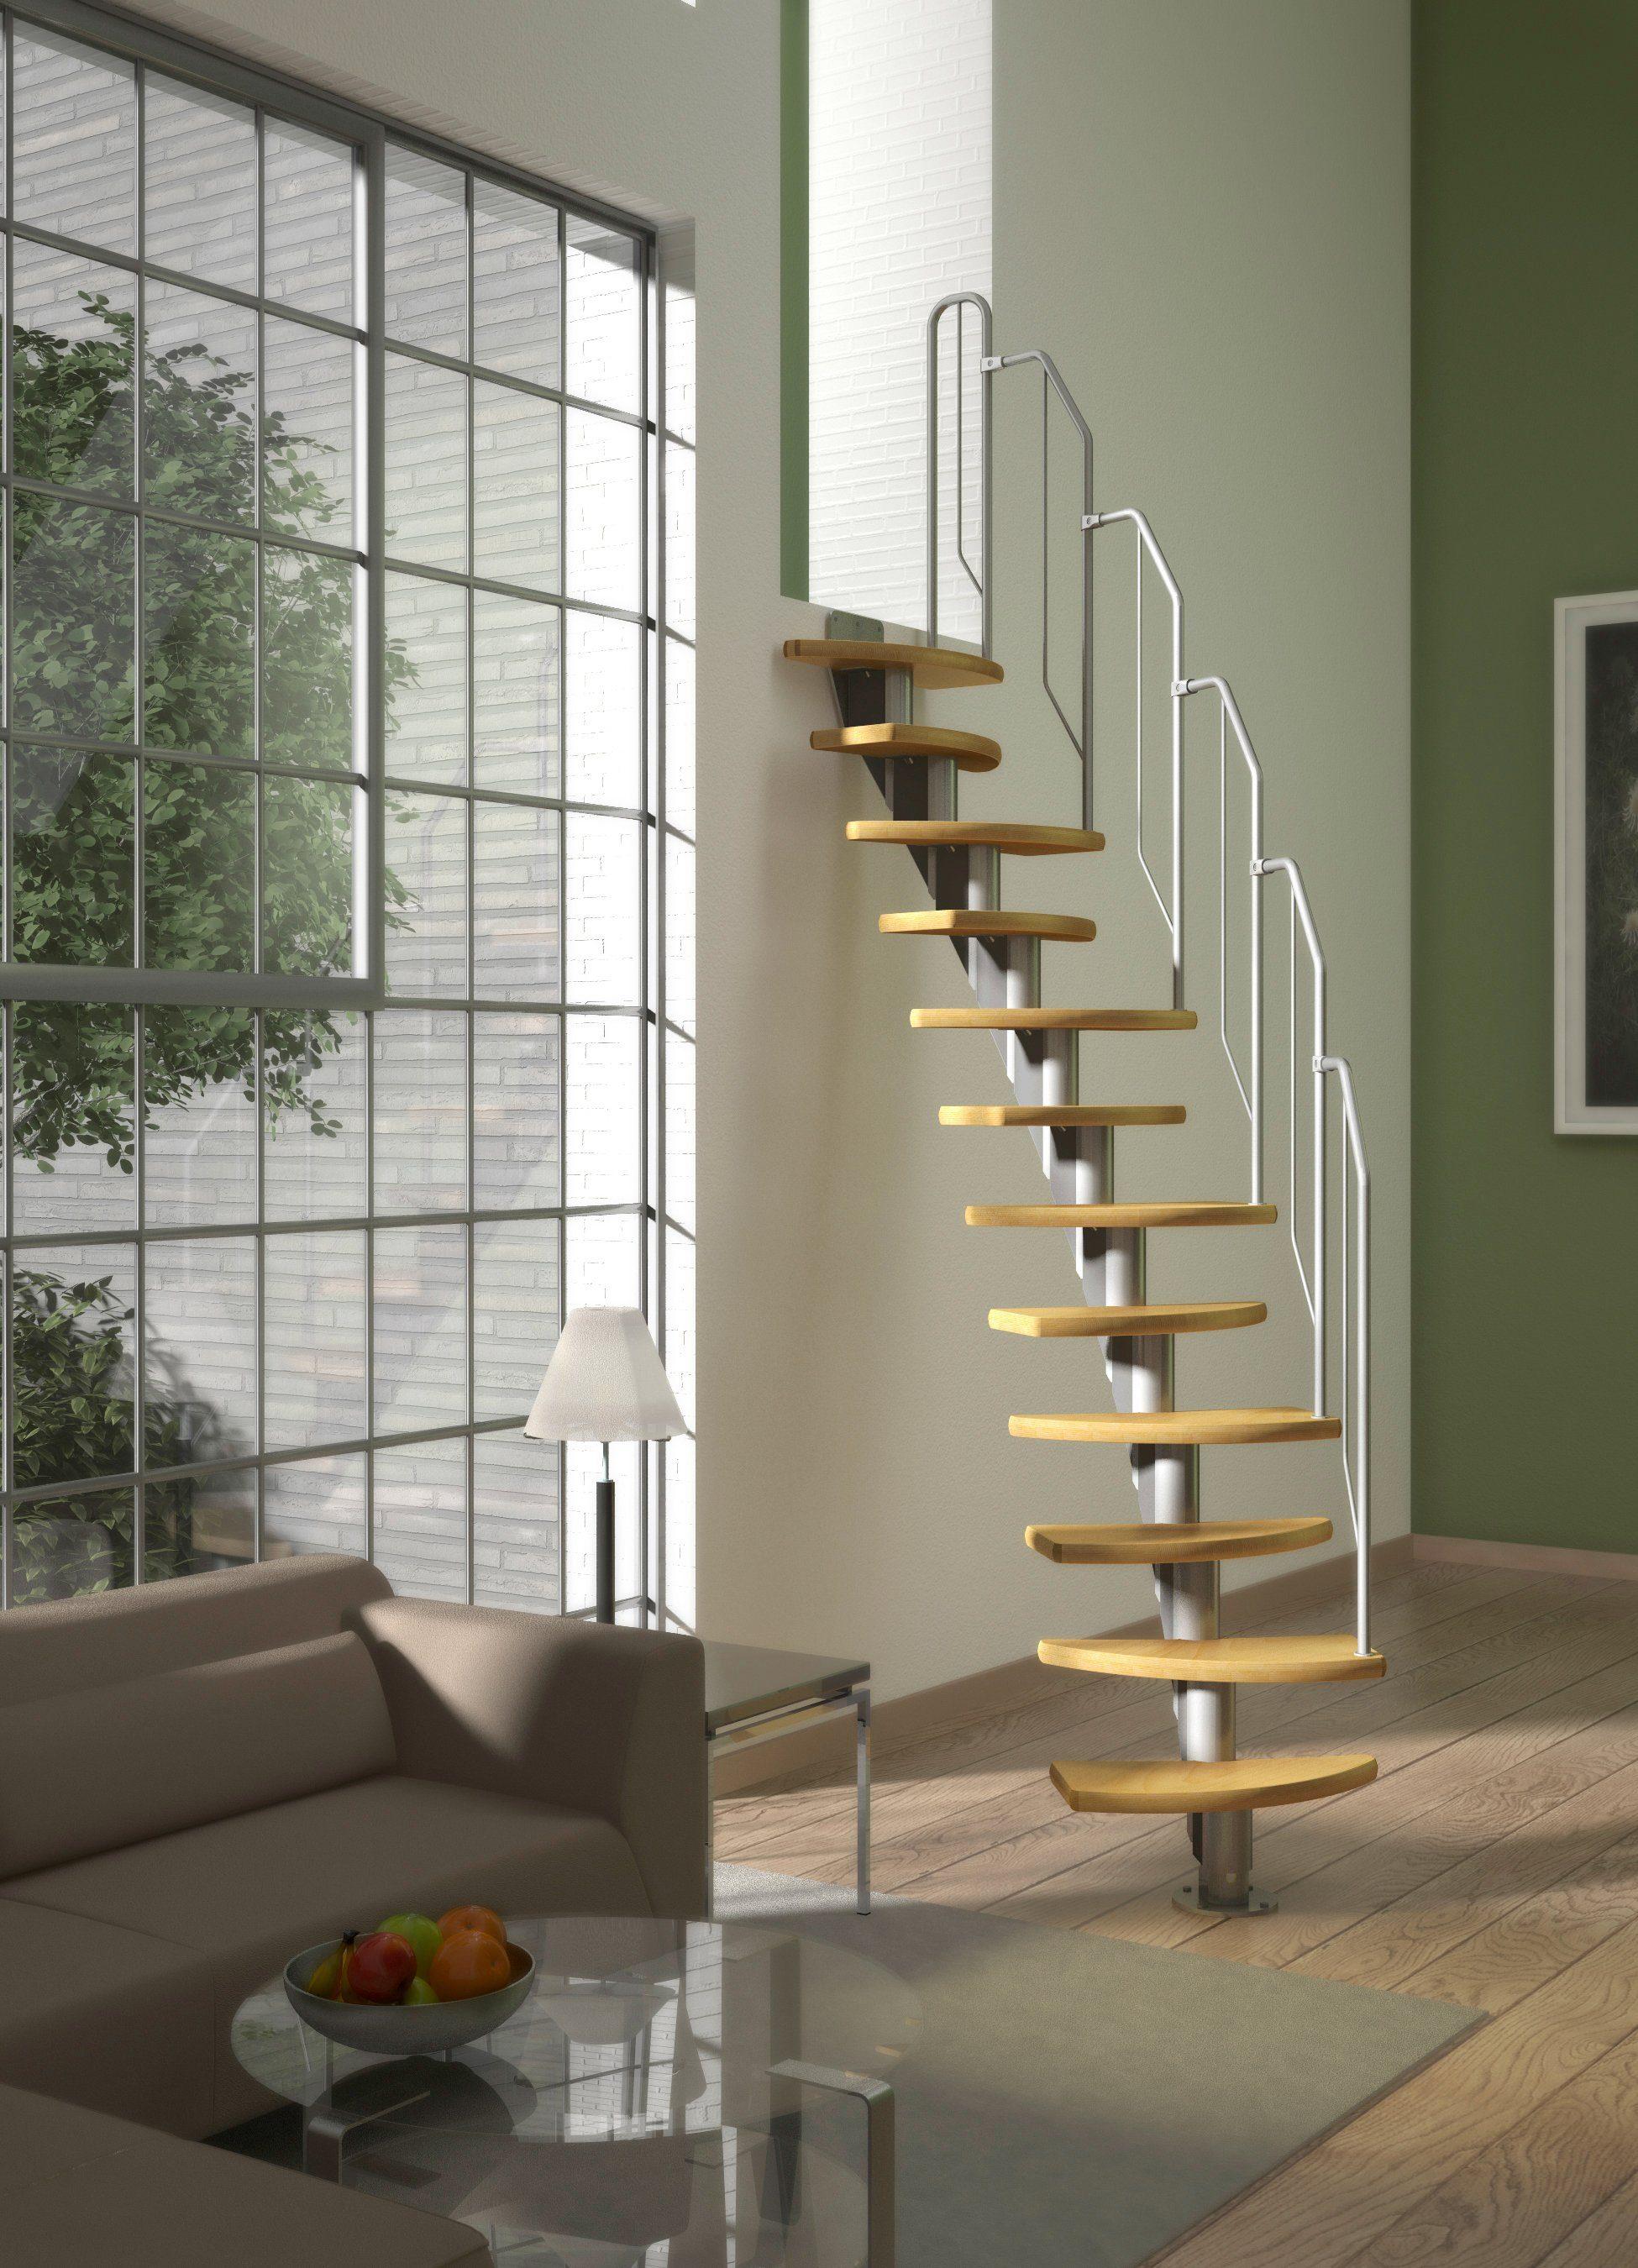 DOLLE Systemtreppe »Berlin«, Metallgeländer und -handlauf, Birke, BxH: 64x270 cm